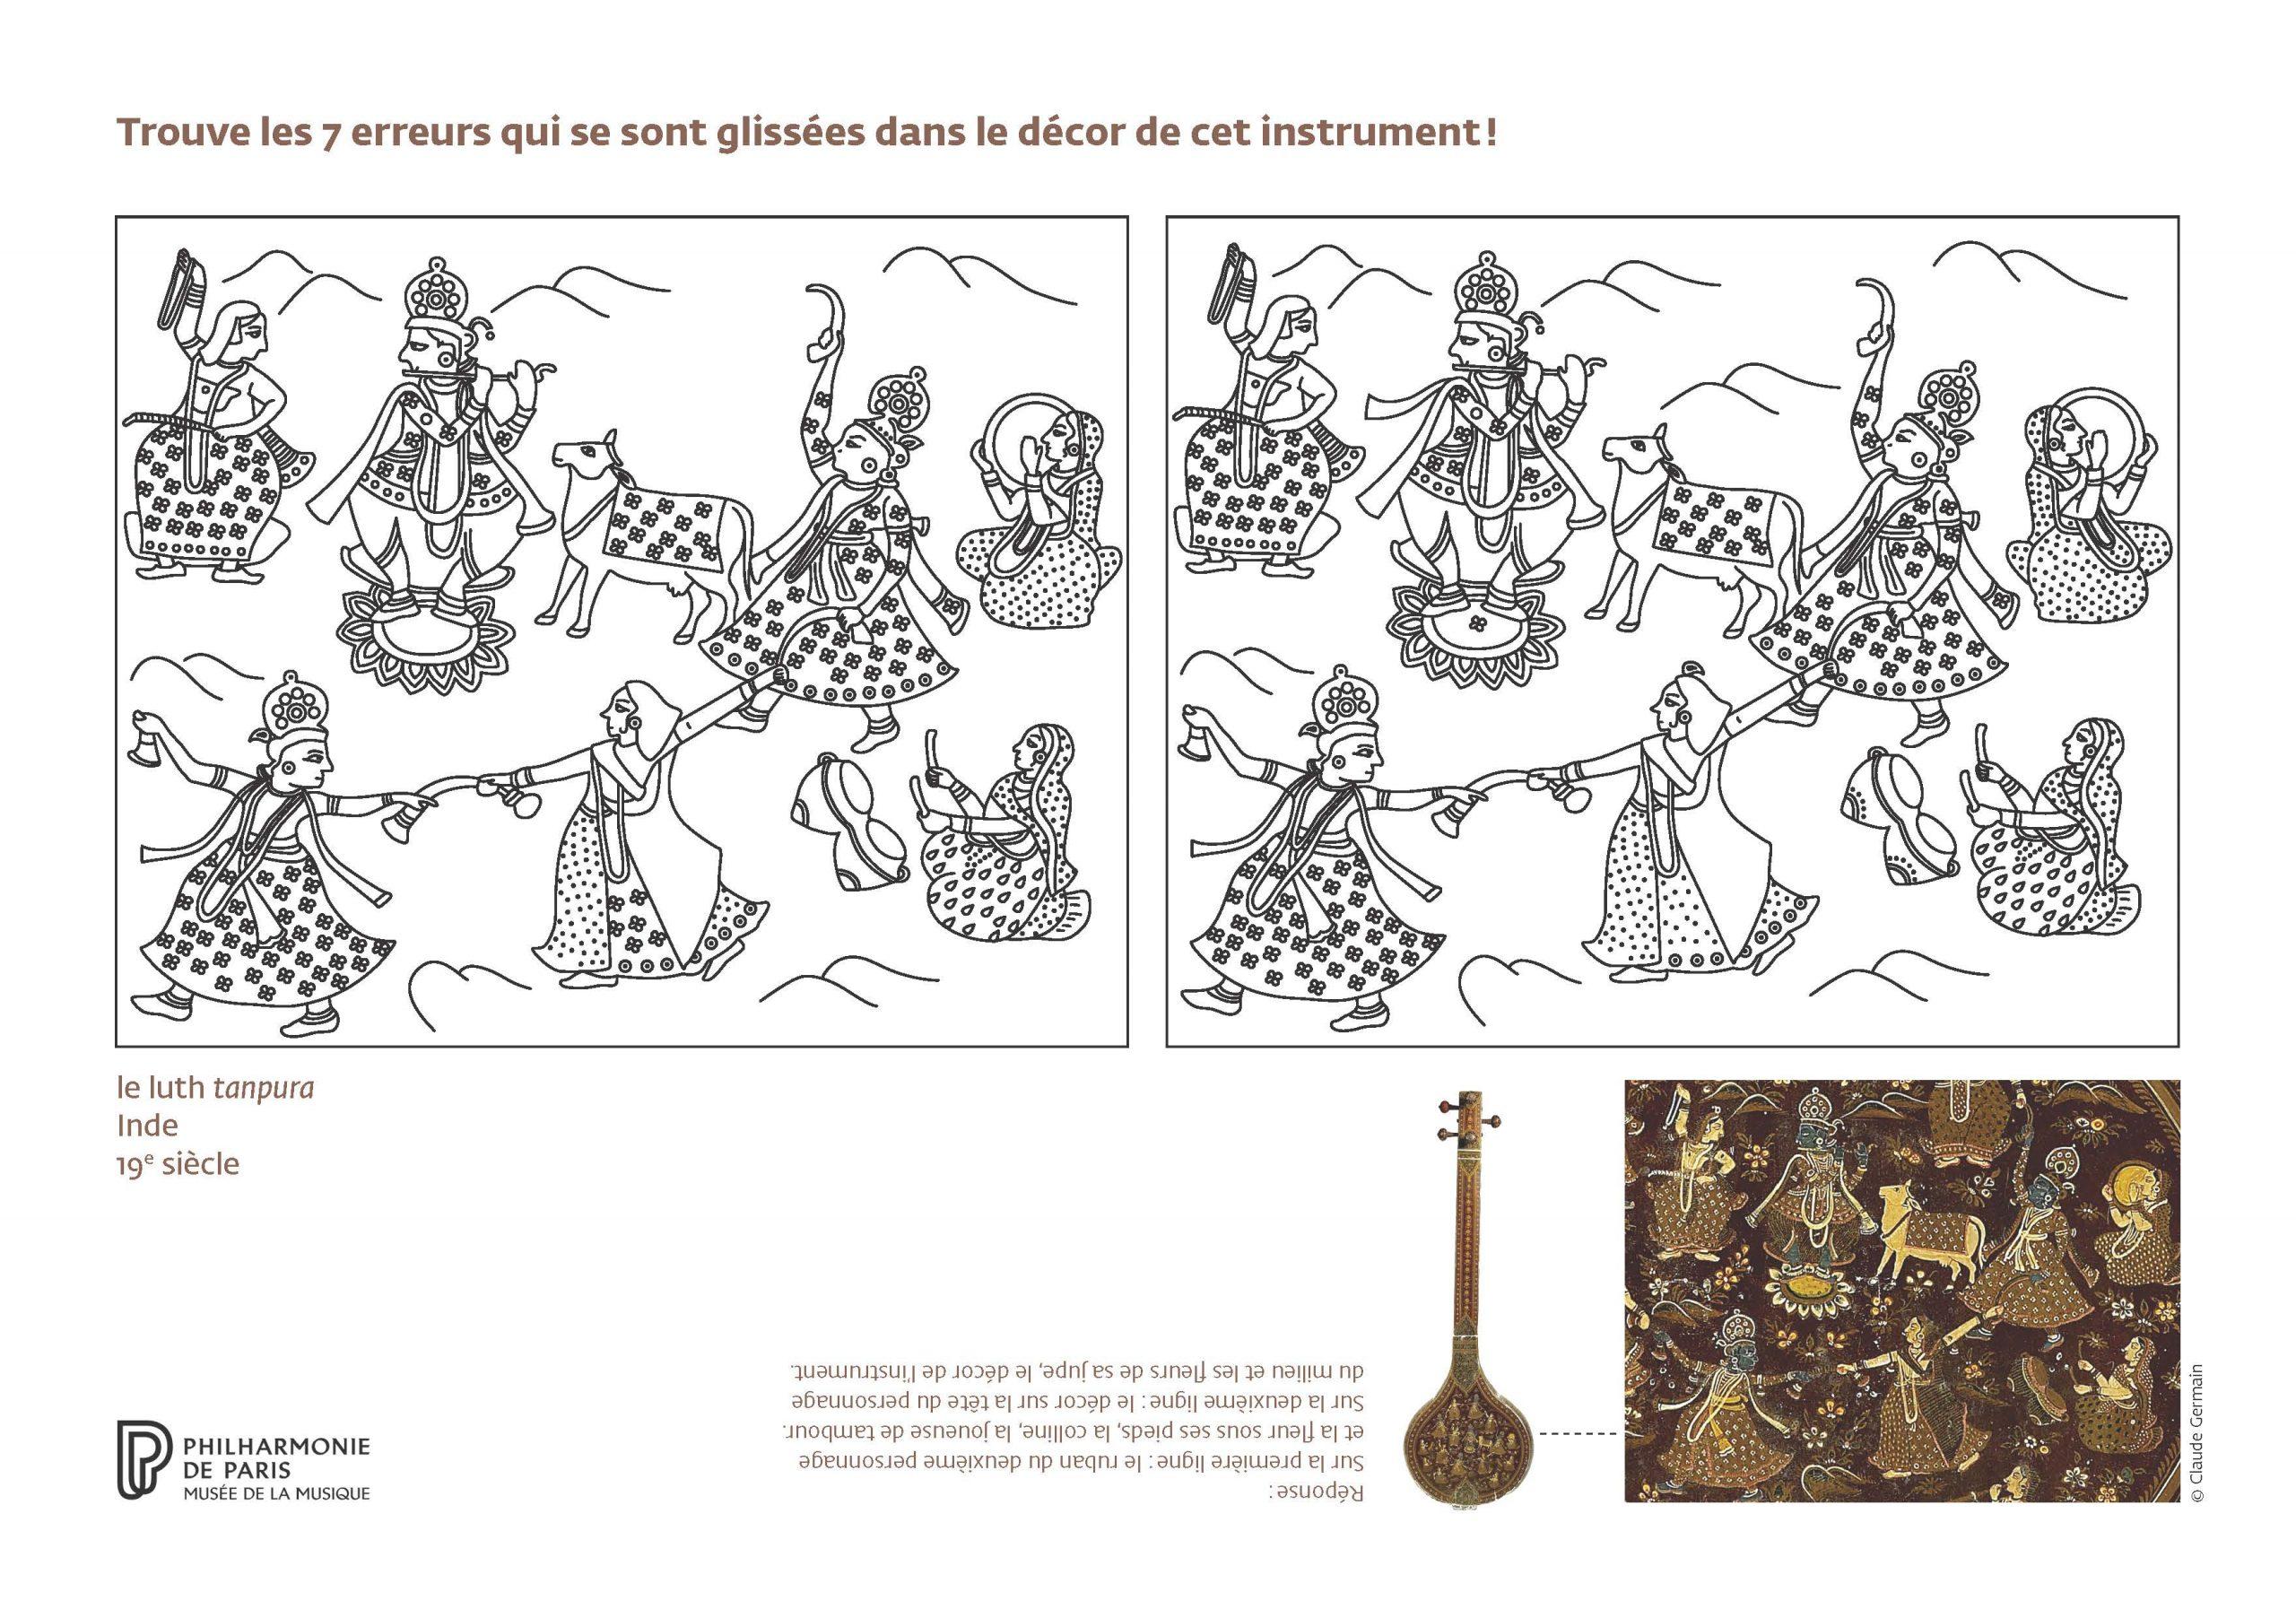 Jouez Avec Les Instruments Du Musée ! | Philharmonie De Paris intérieur Jeu Des Instruments De Musique